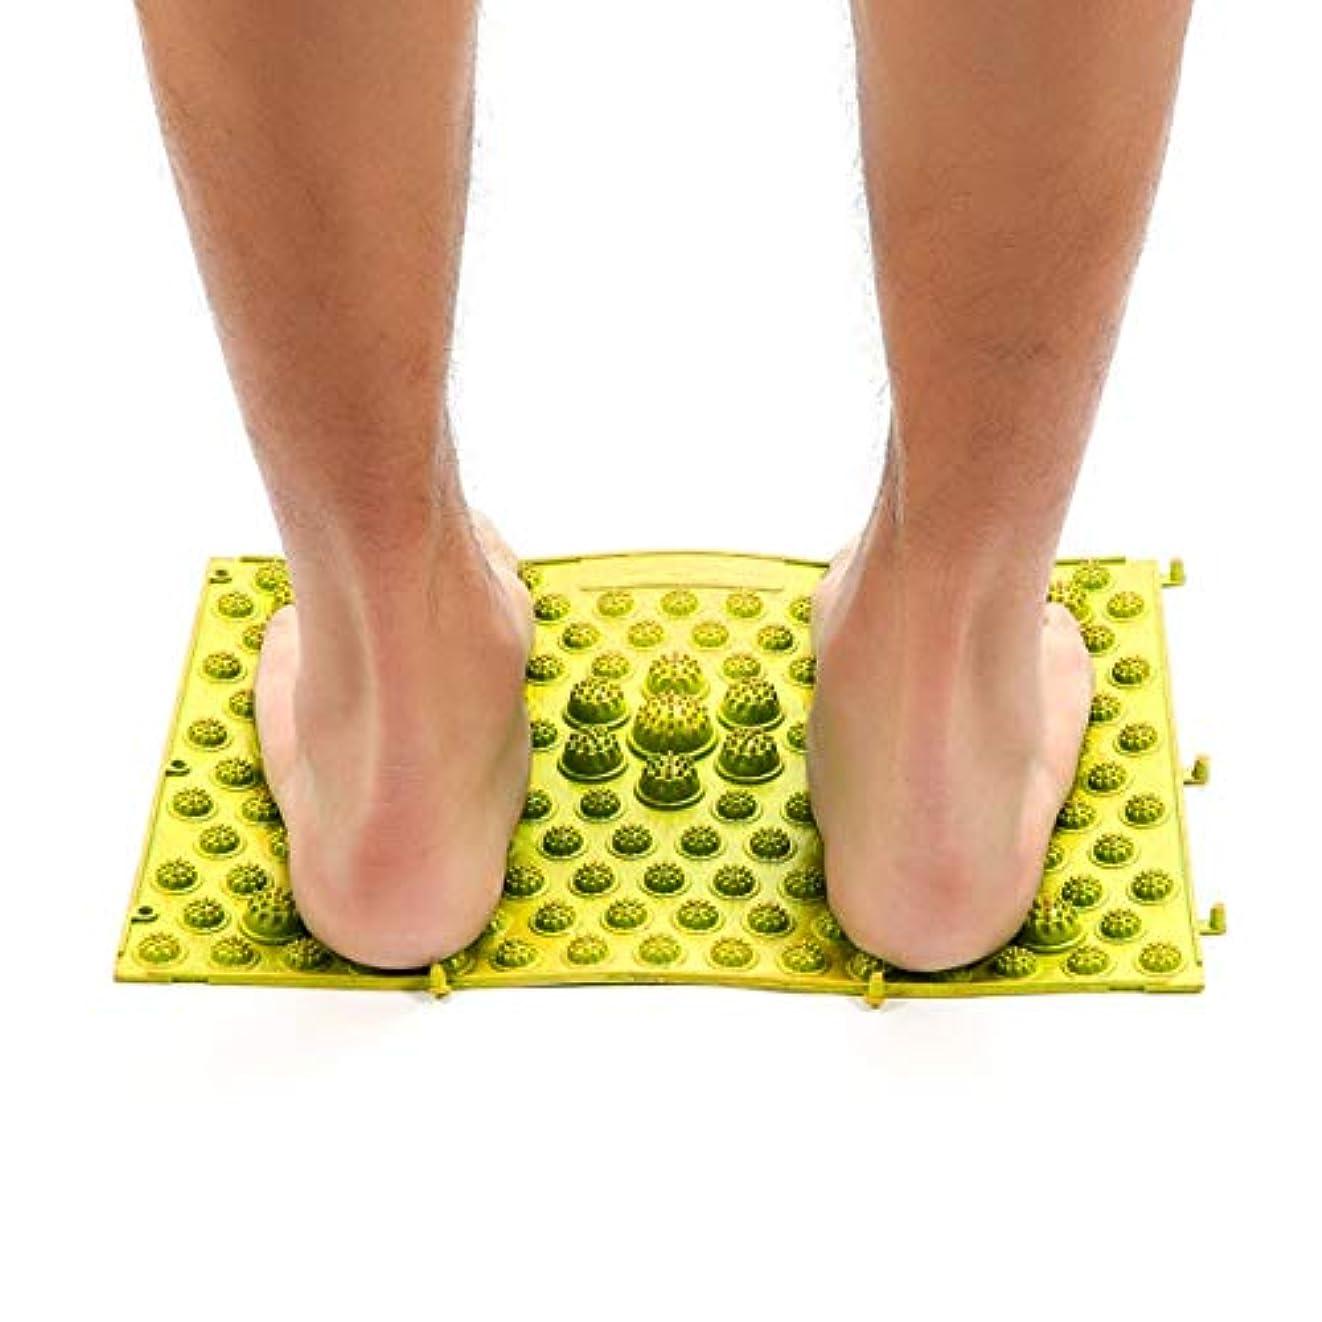 明確にスイングサルベージAcupressure Foot Mats Running Man Game Same Type Foot Reflexology Walking Massage Mat for Pain Relief Stress Relief...